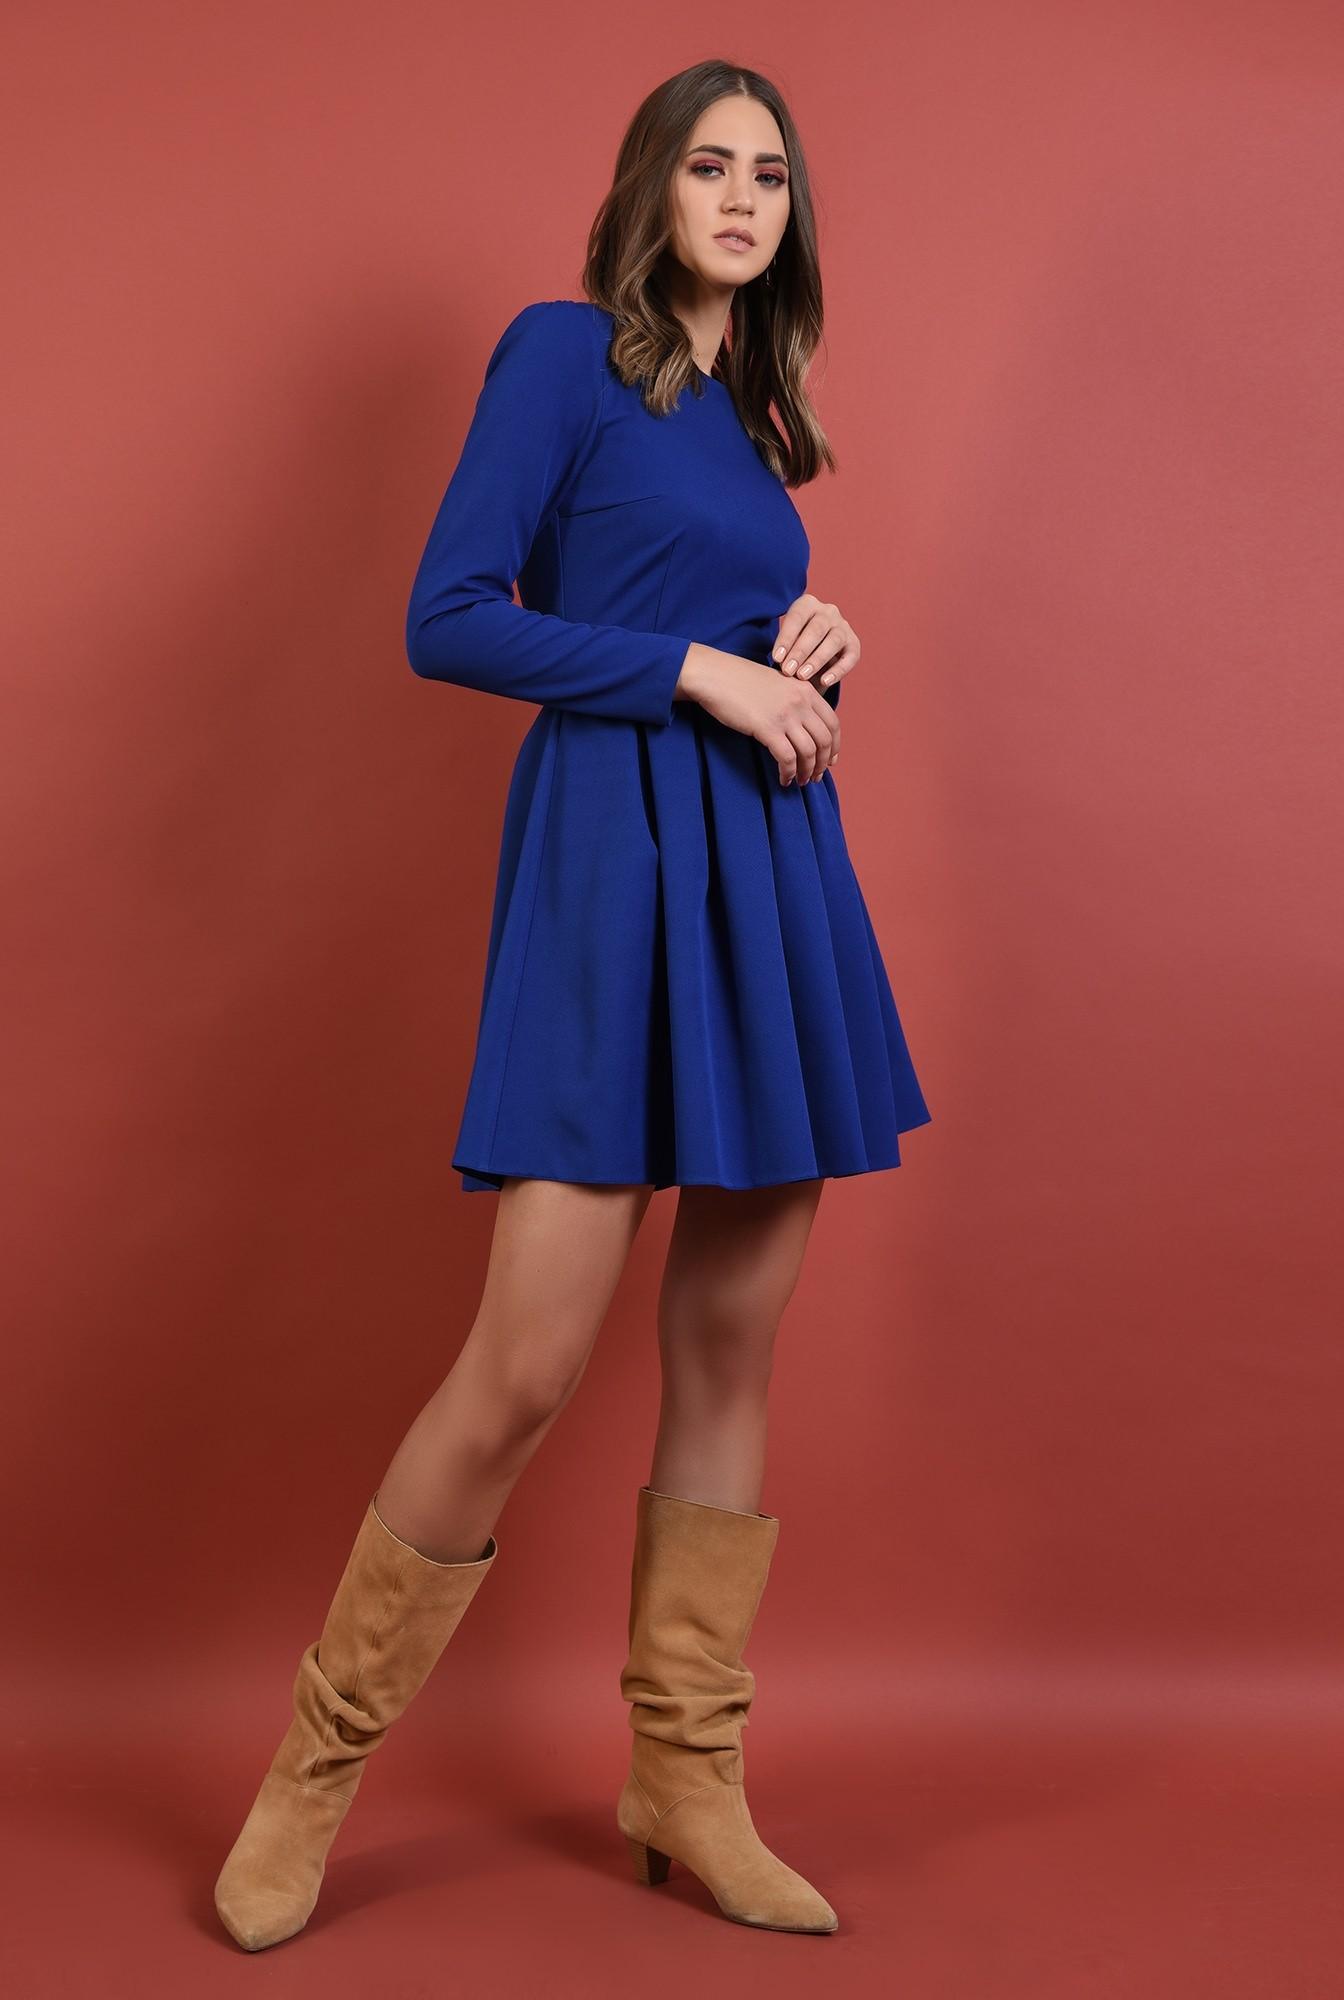 3 - 360 - rochie albastra, cu pliuri, nasturi aurii la spate, croi evazat, Poema